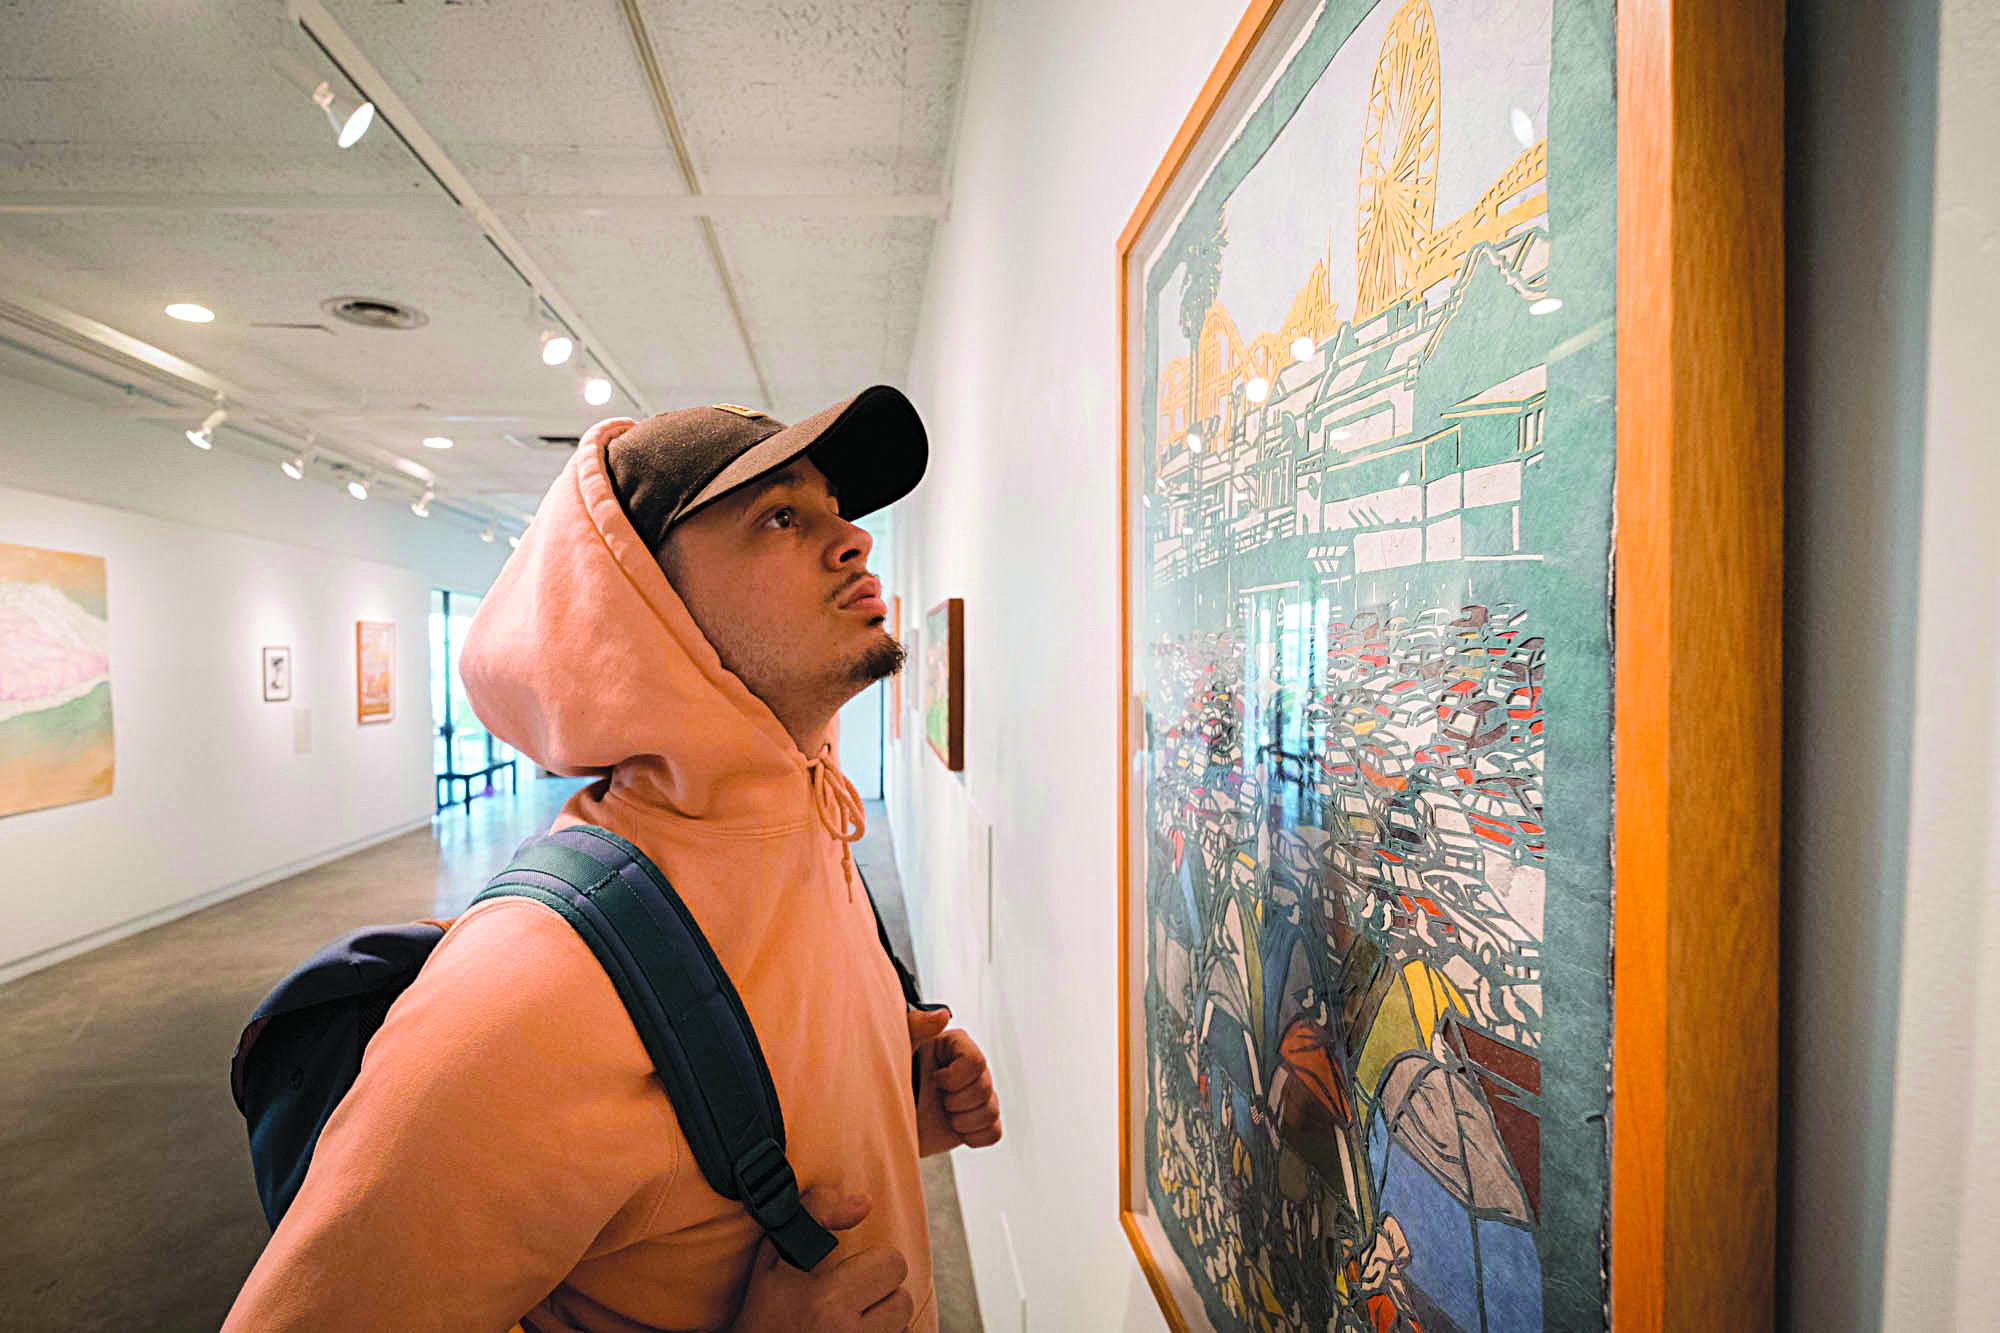 Art Exhibit: Homeless in LA